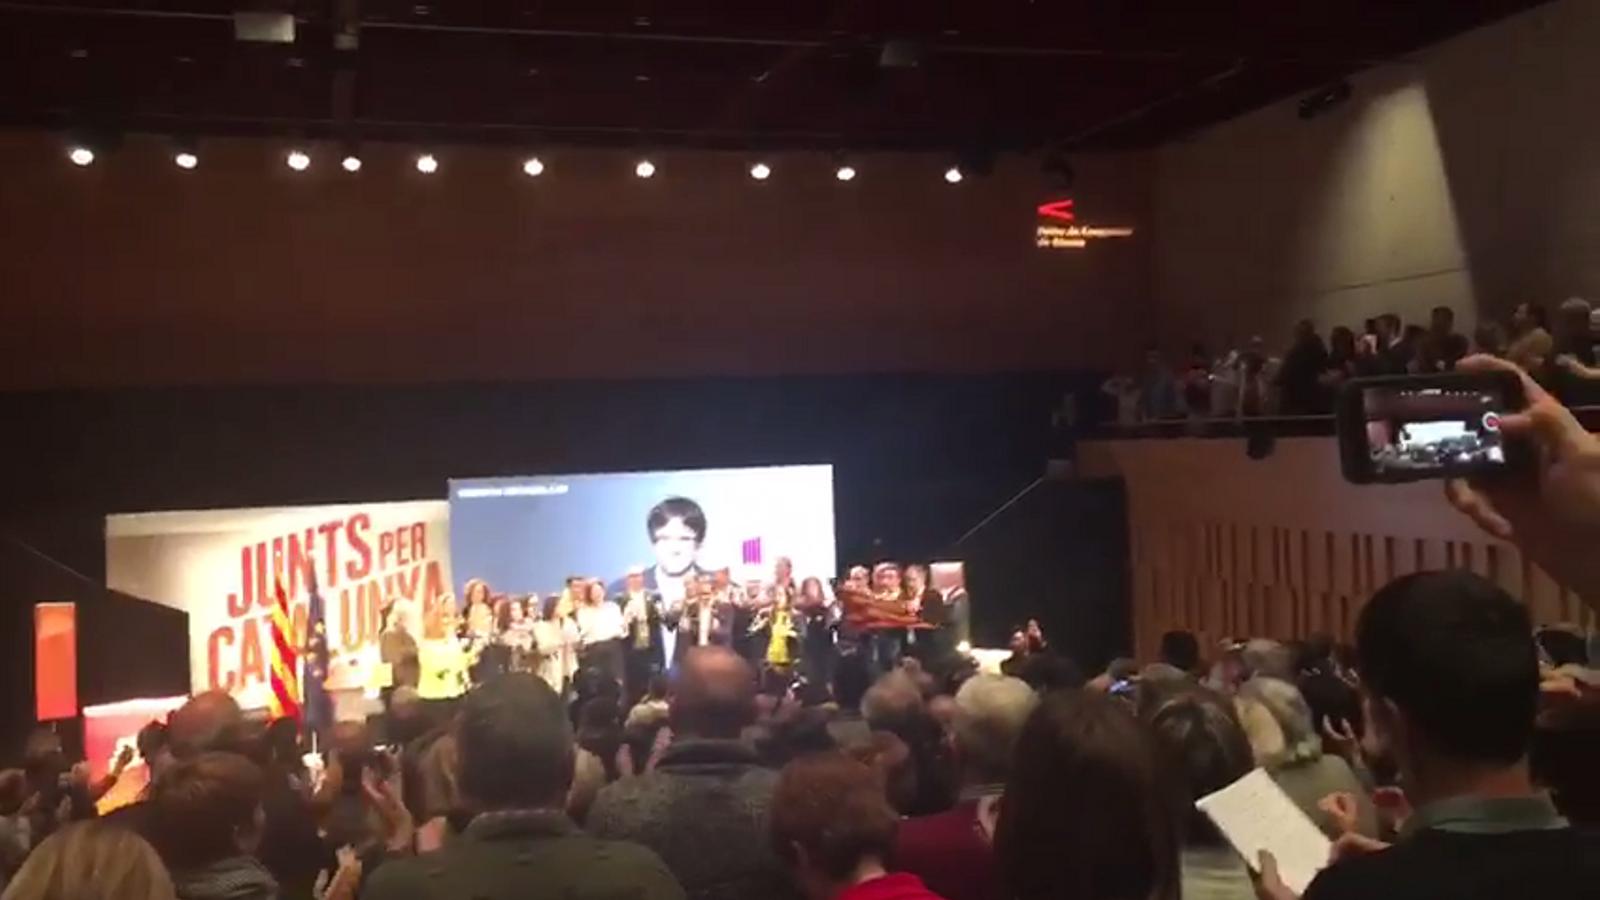 Crits de 'És Puigdemont el nostre president' a l'acte de JxCat a Girona